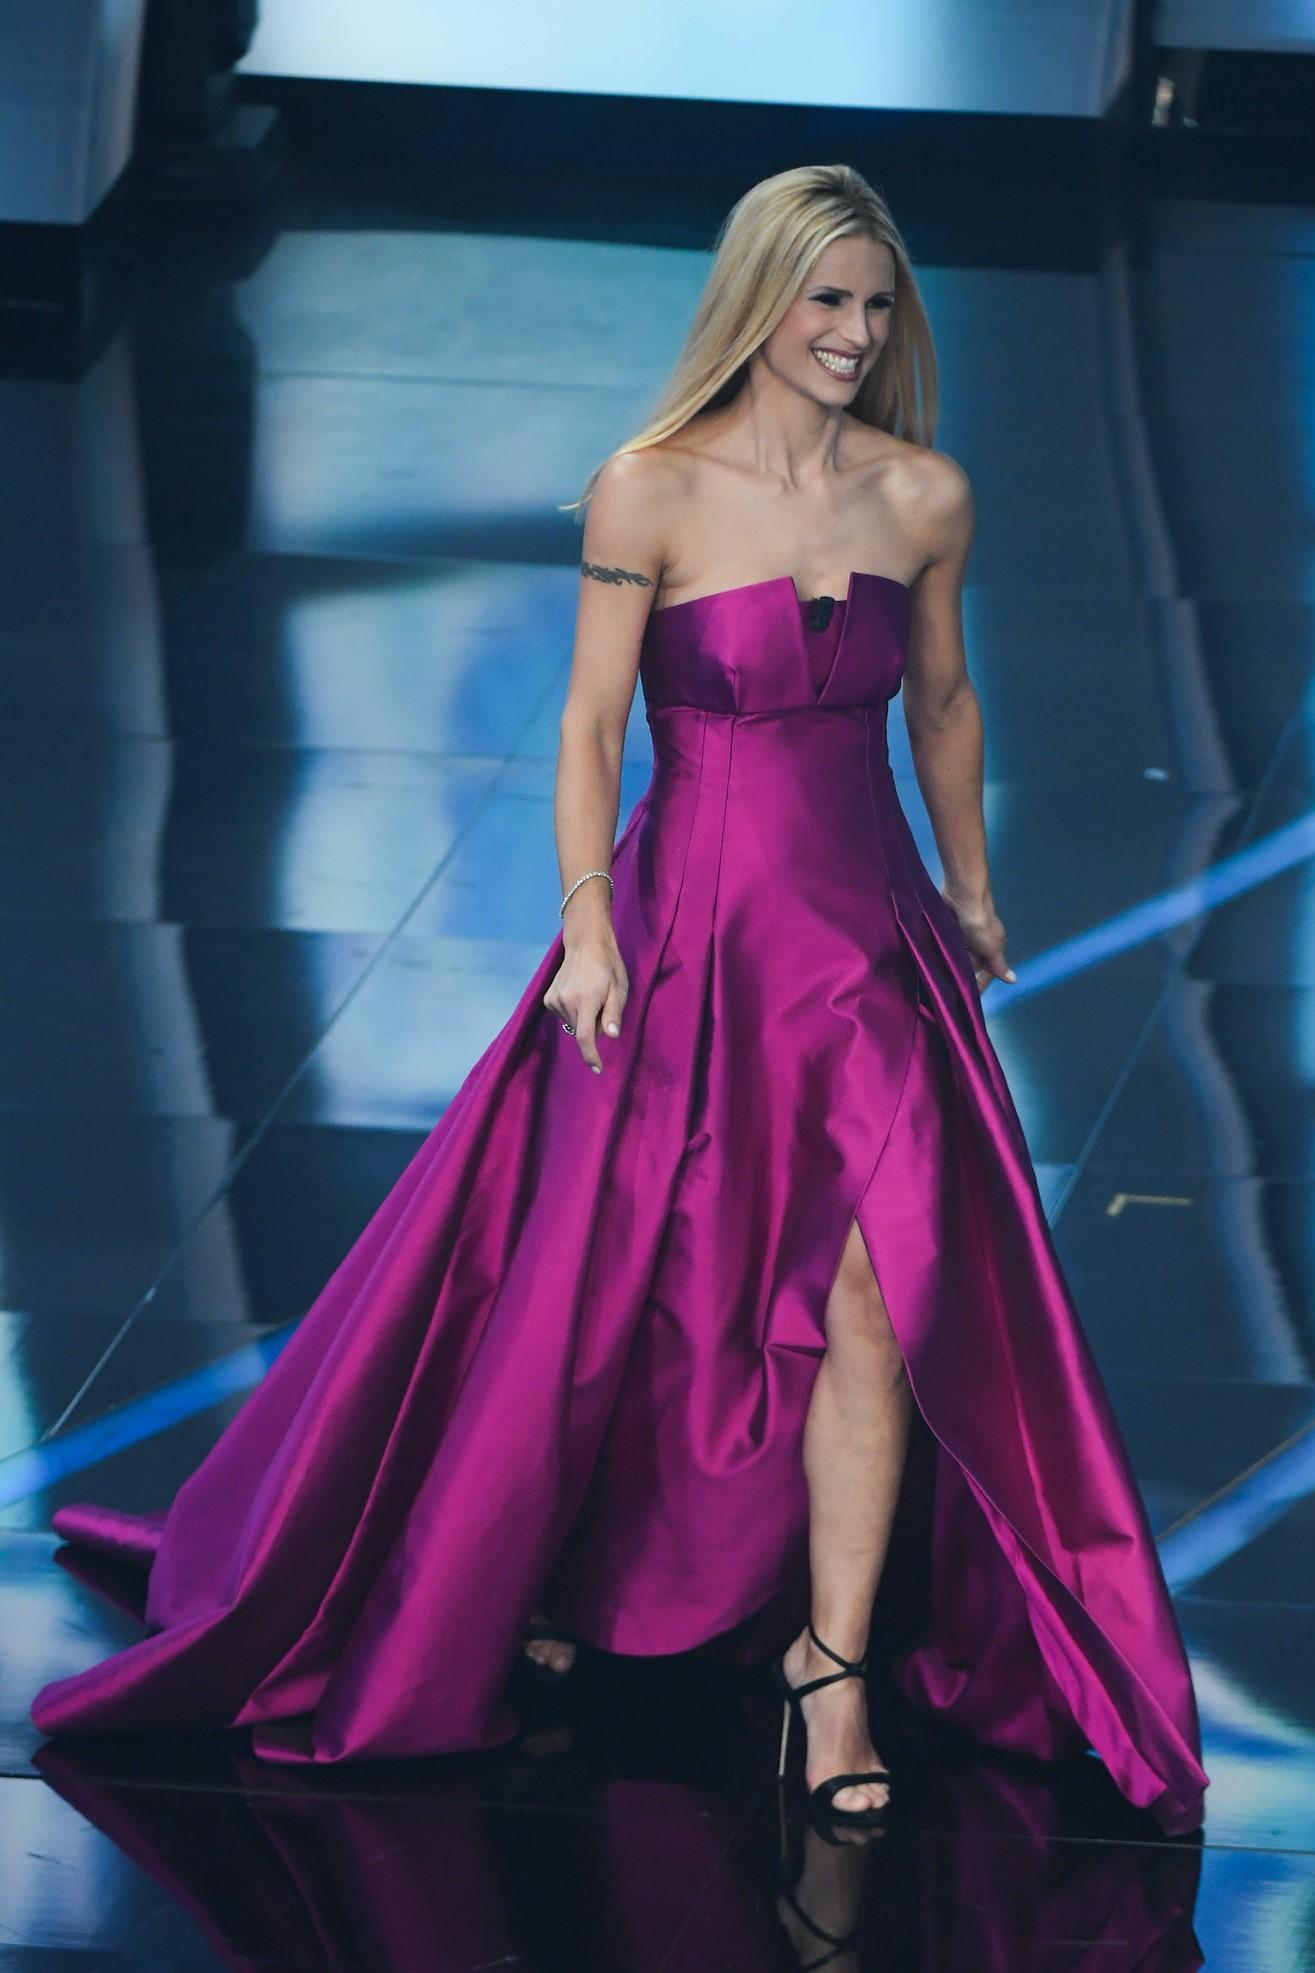 Sanremo 2018: sognare la conduzione per vestirsi come Michelle Hunziker